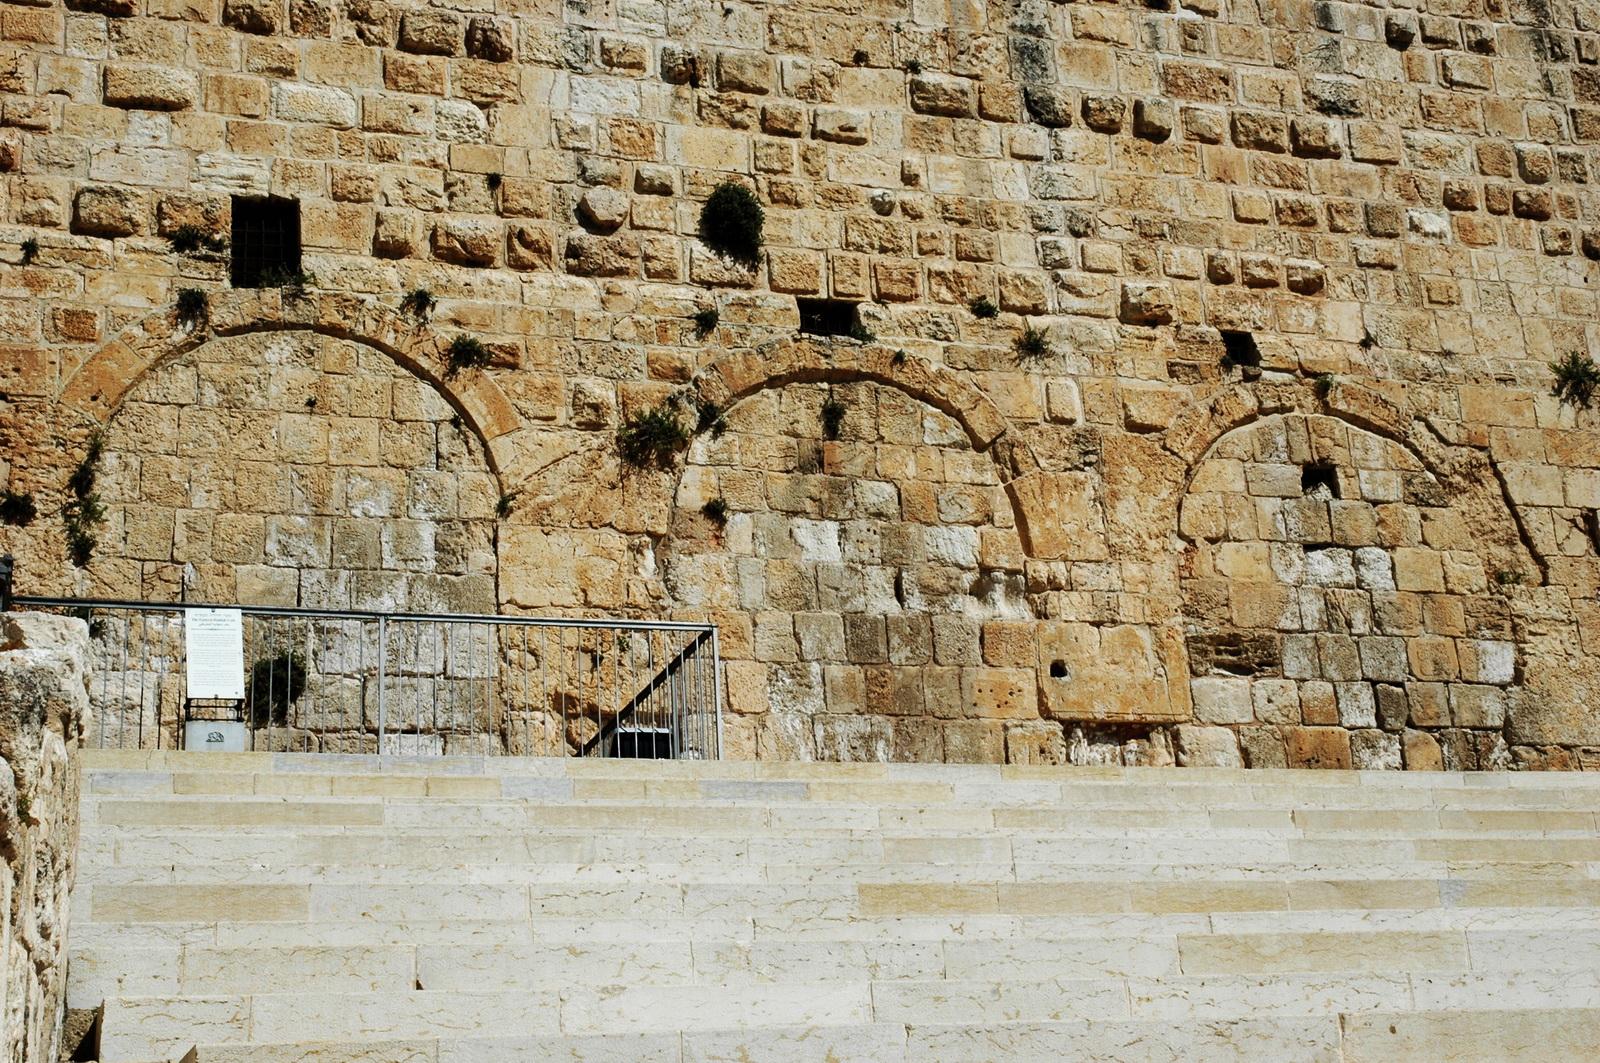 השער המשולש ומדרגותיו בסמוך לשערי חולדה